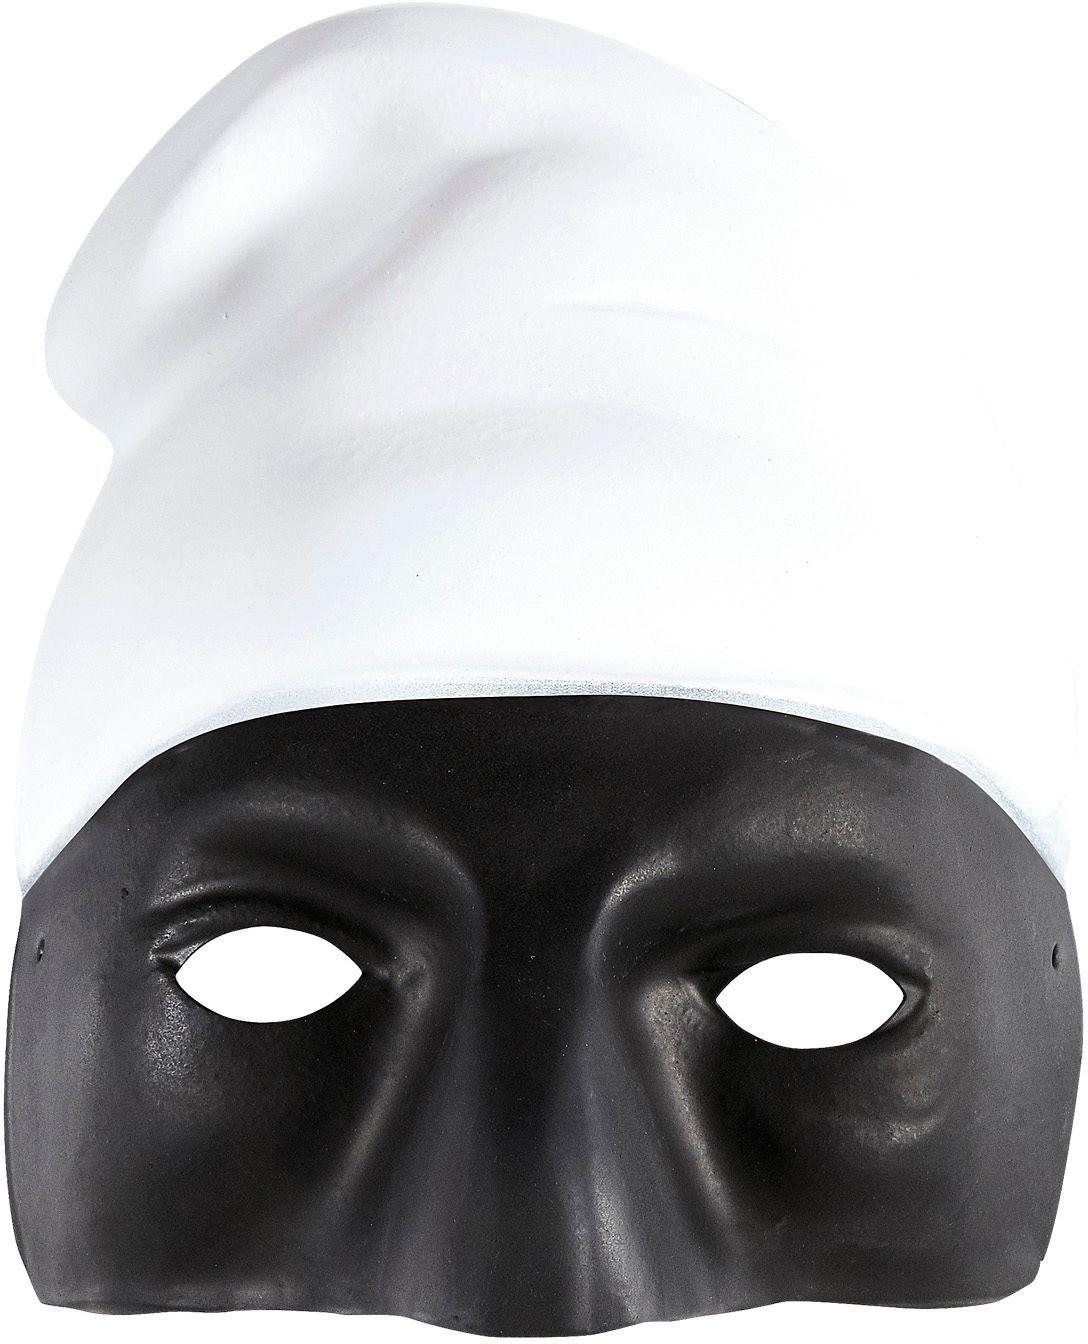 Pulcinella masker zwart